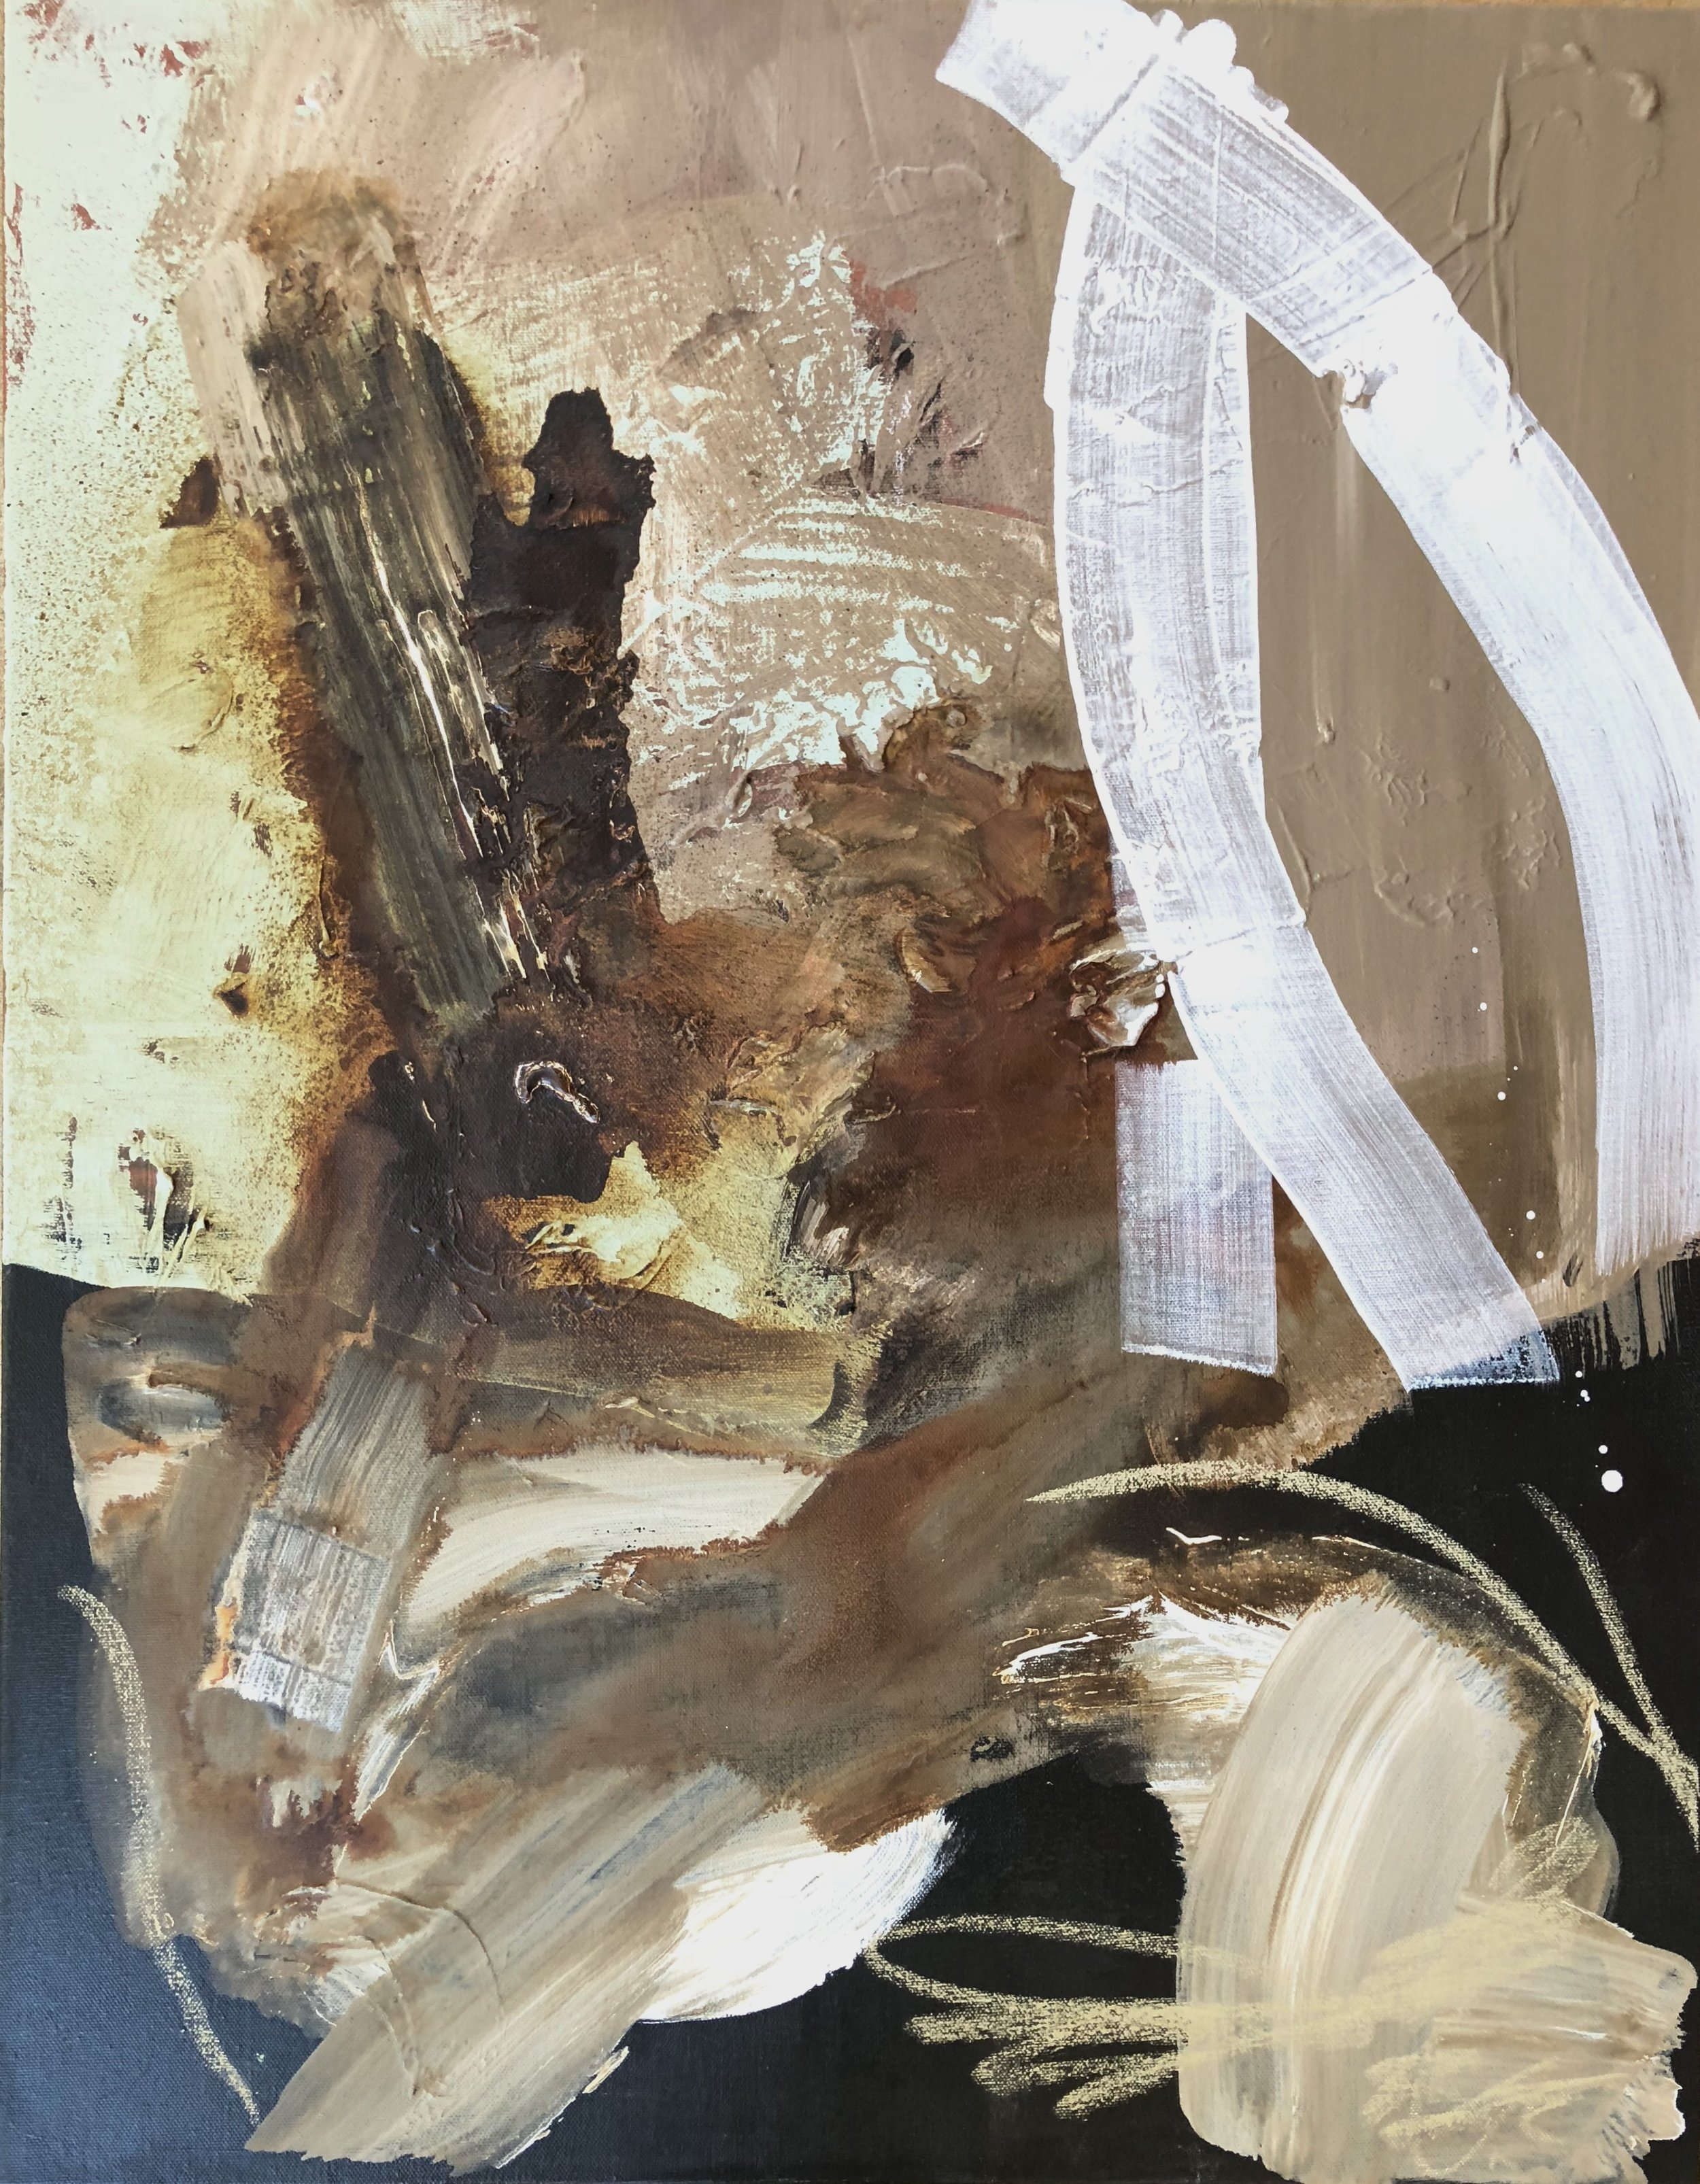 SOLD - WATER LANGUAGE IIImixed media on canvas | 22 x 28